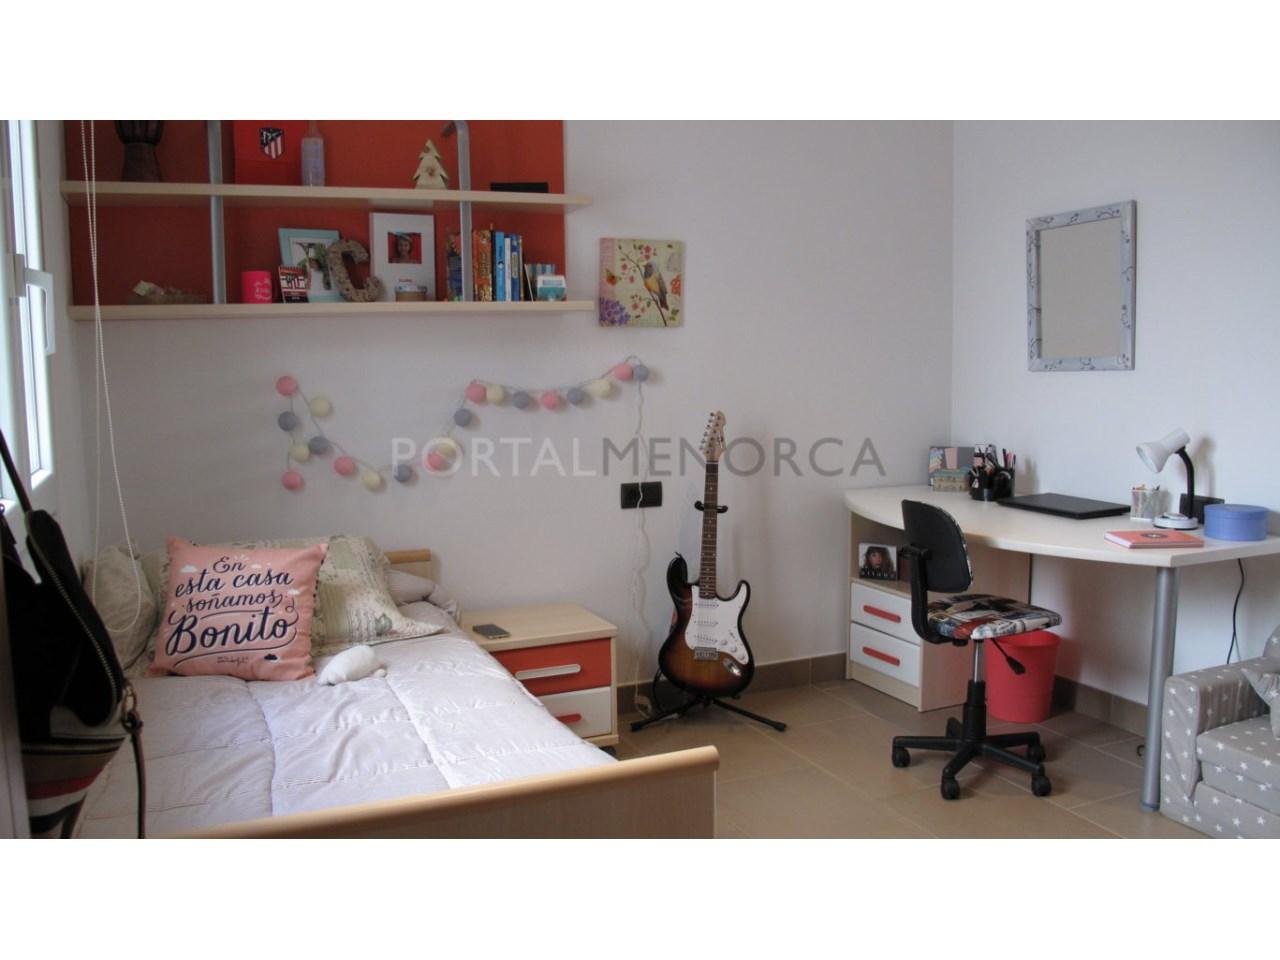 Apartment for sale in Ciutadella de Menorca-Bedroom